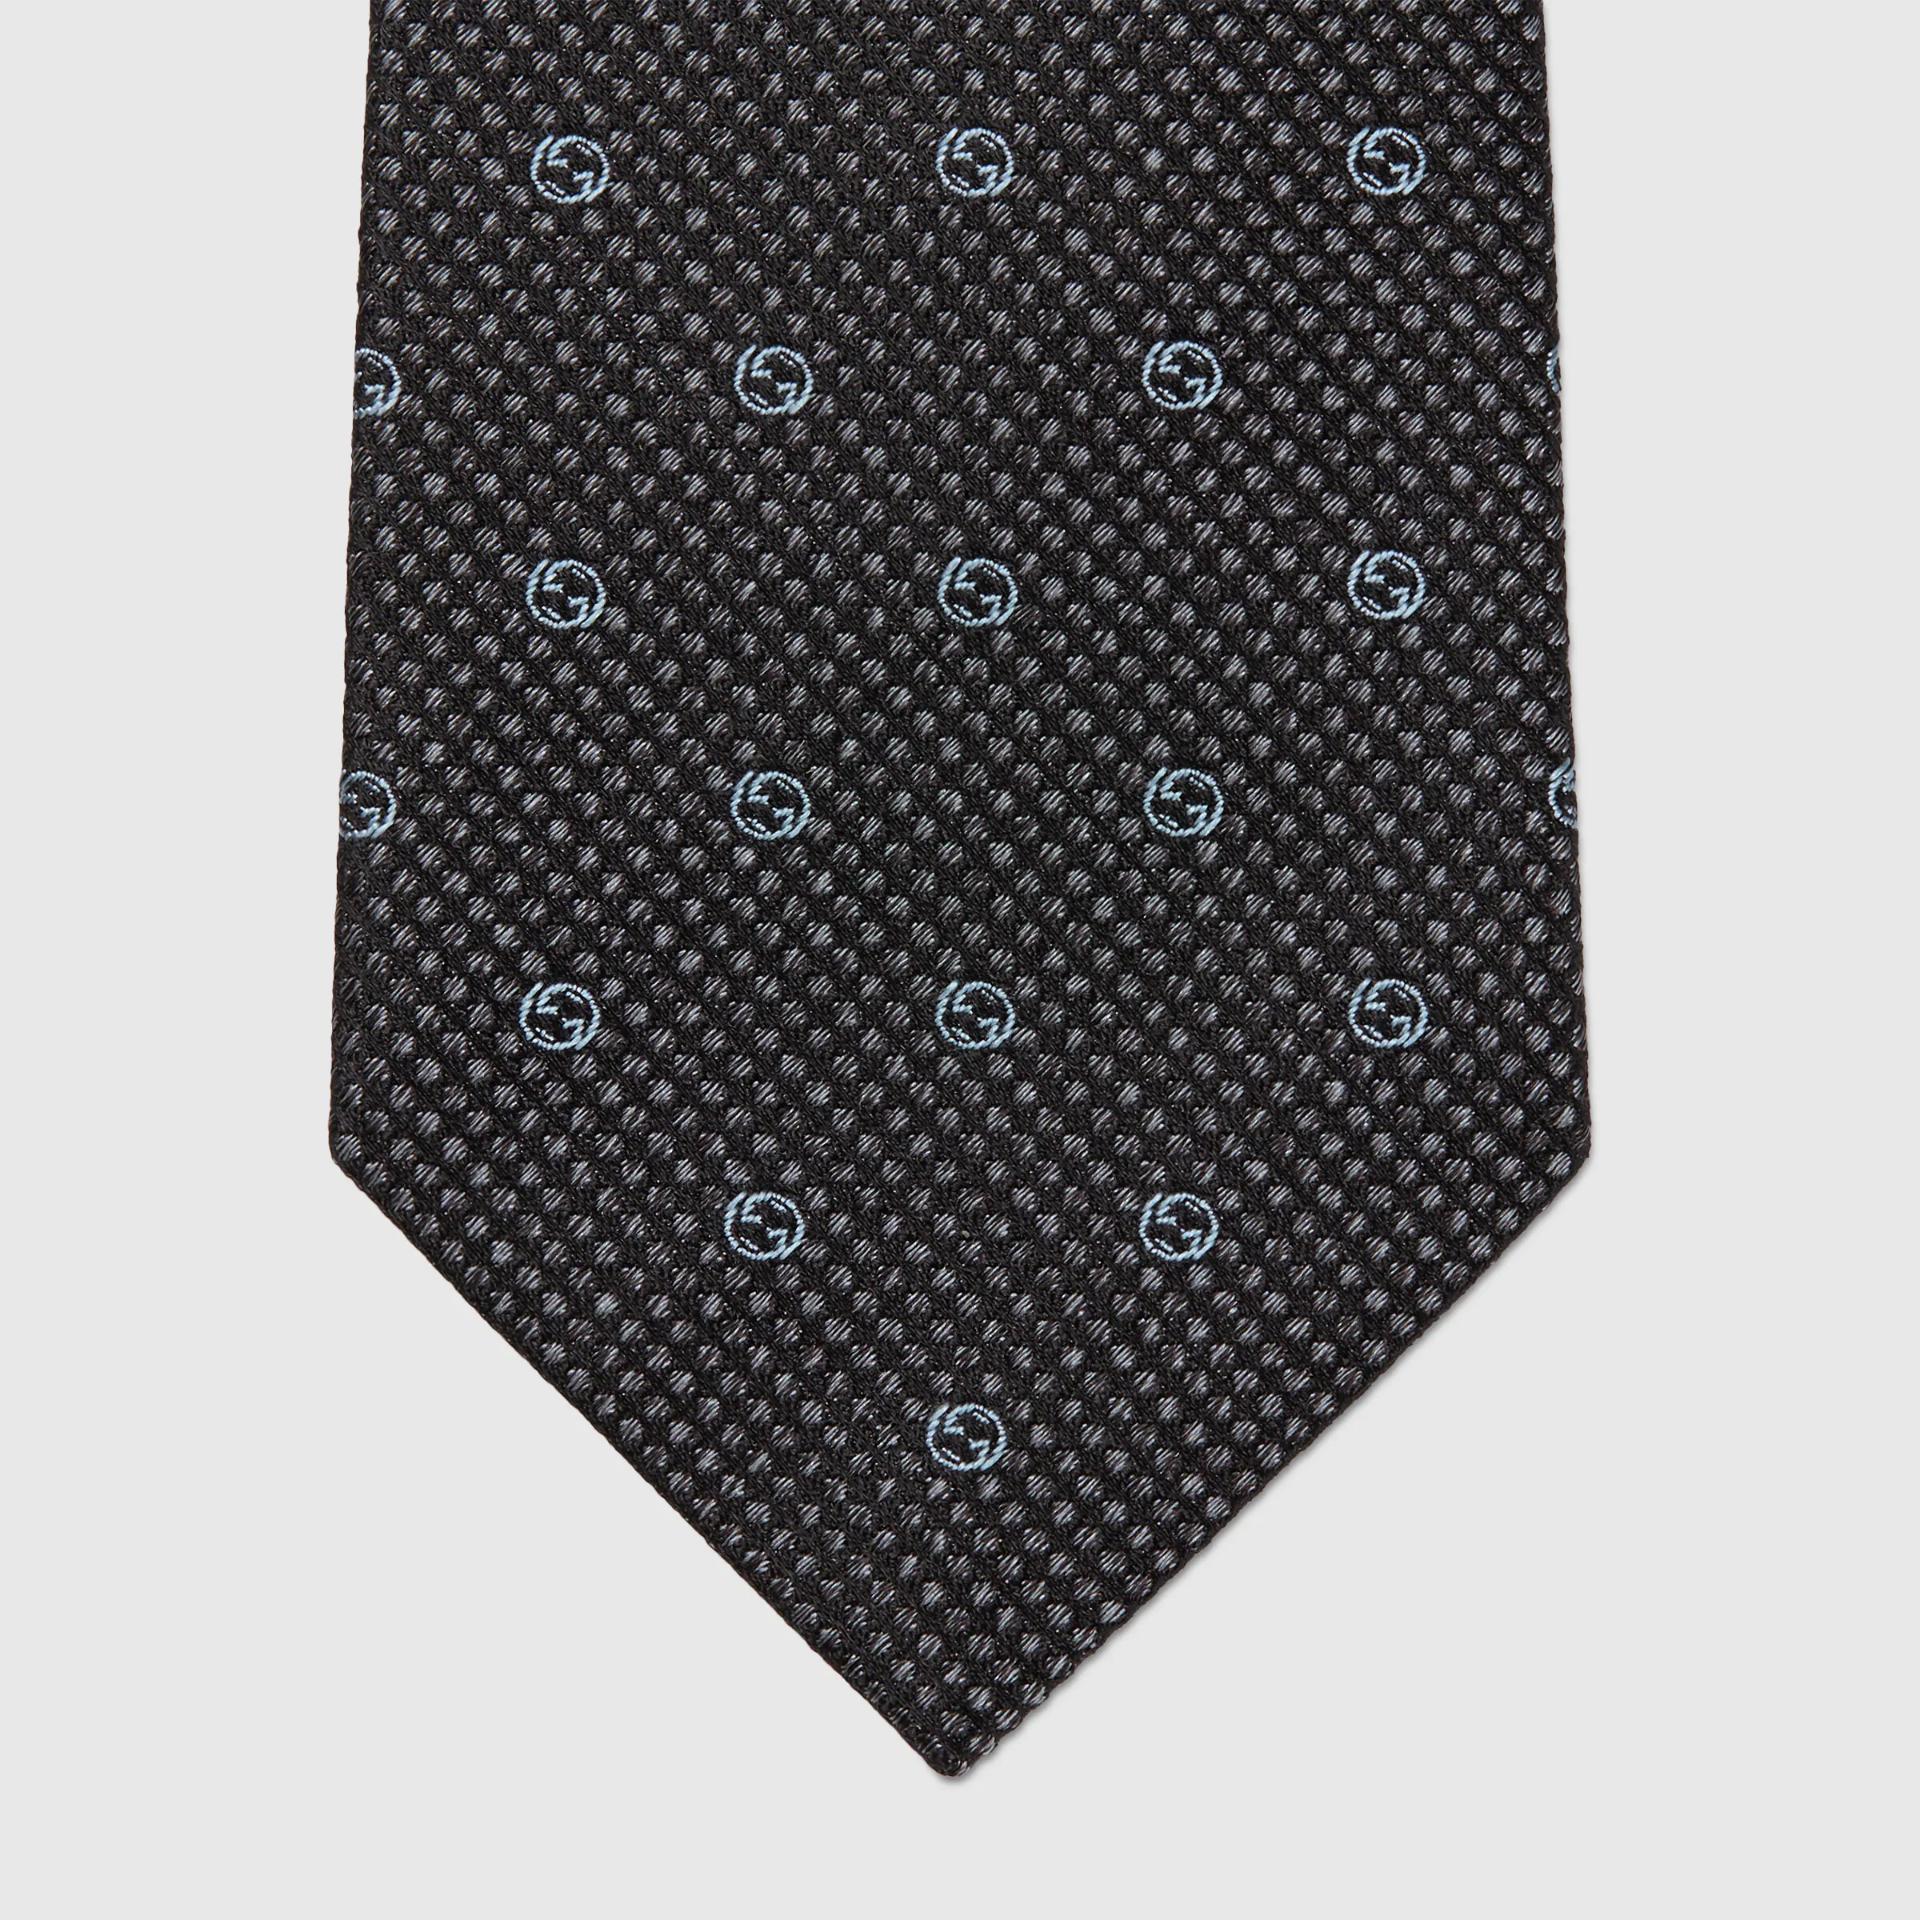 유럽직배송 구찌 GUCCI Gucci Interlocking G silk jacquard tie 6724644E0021169